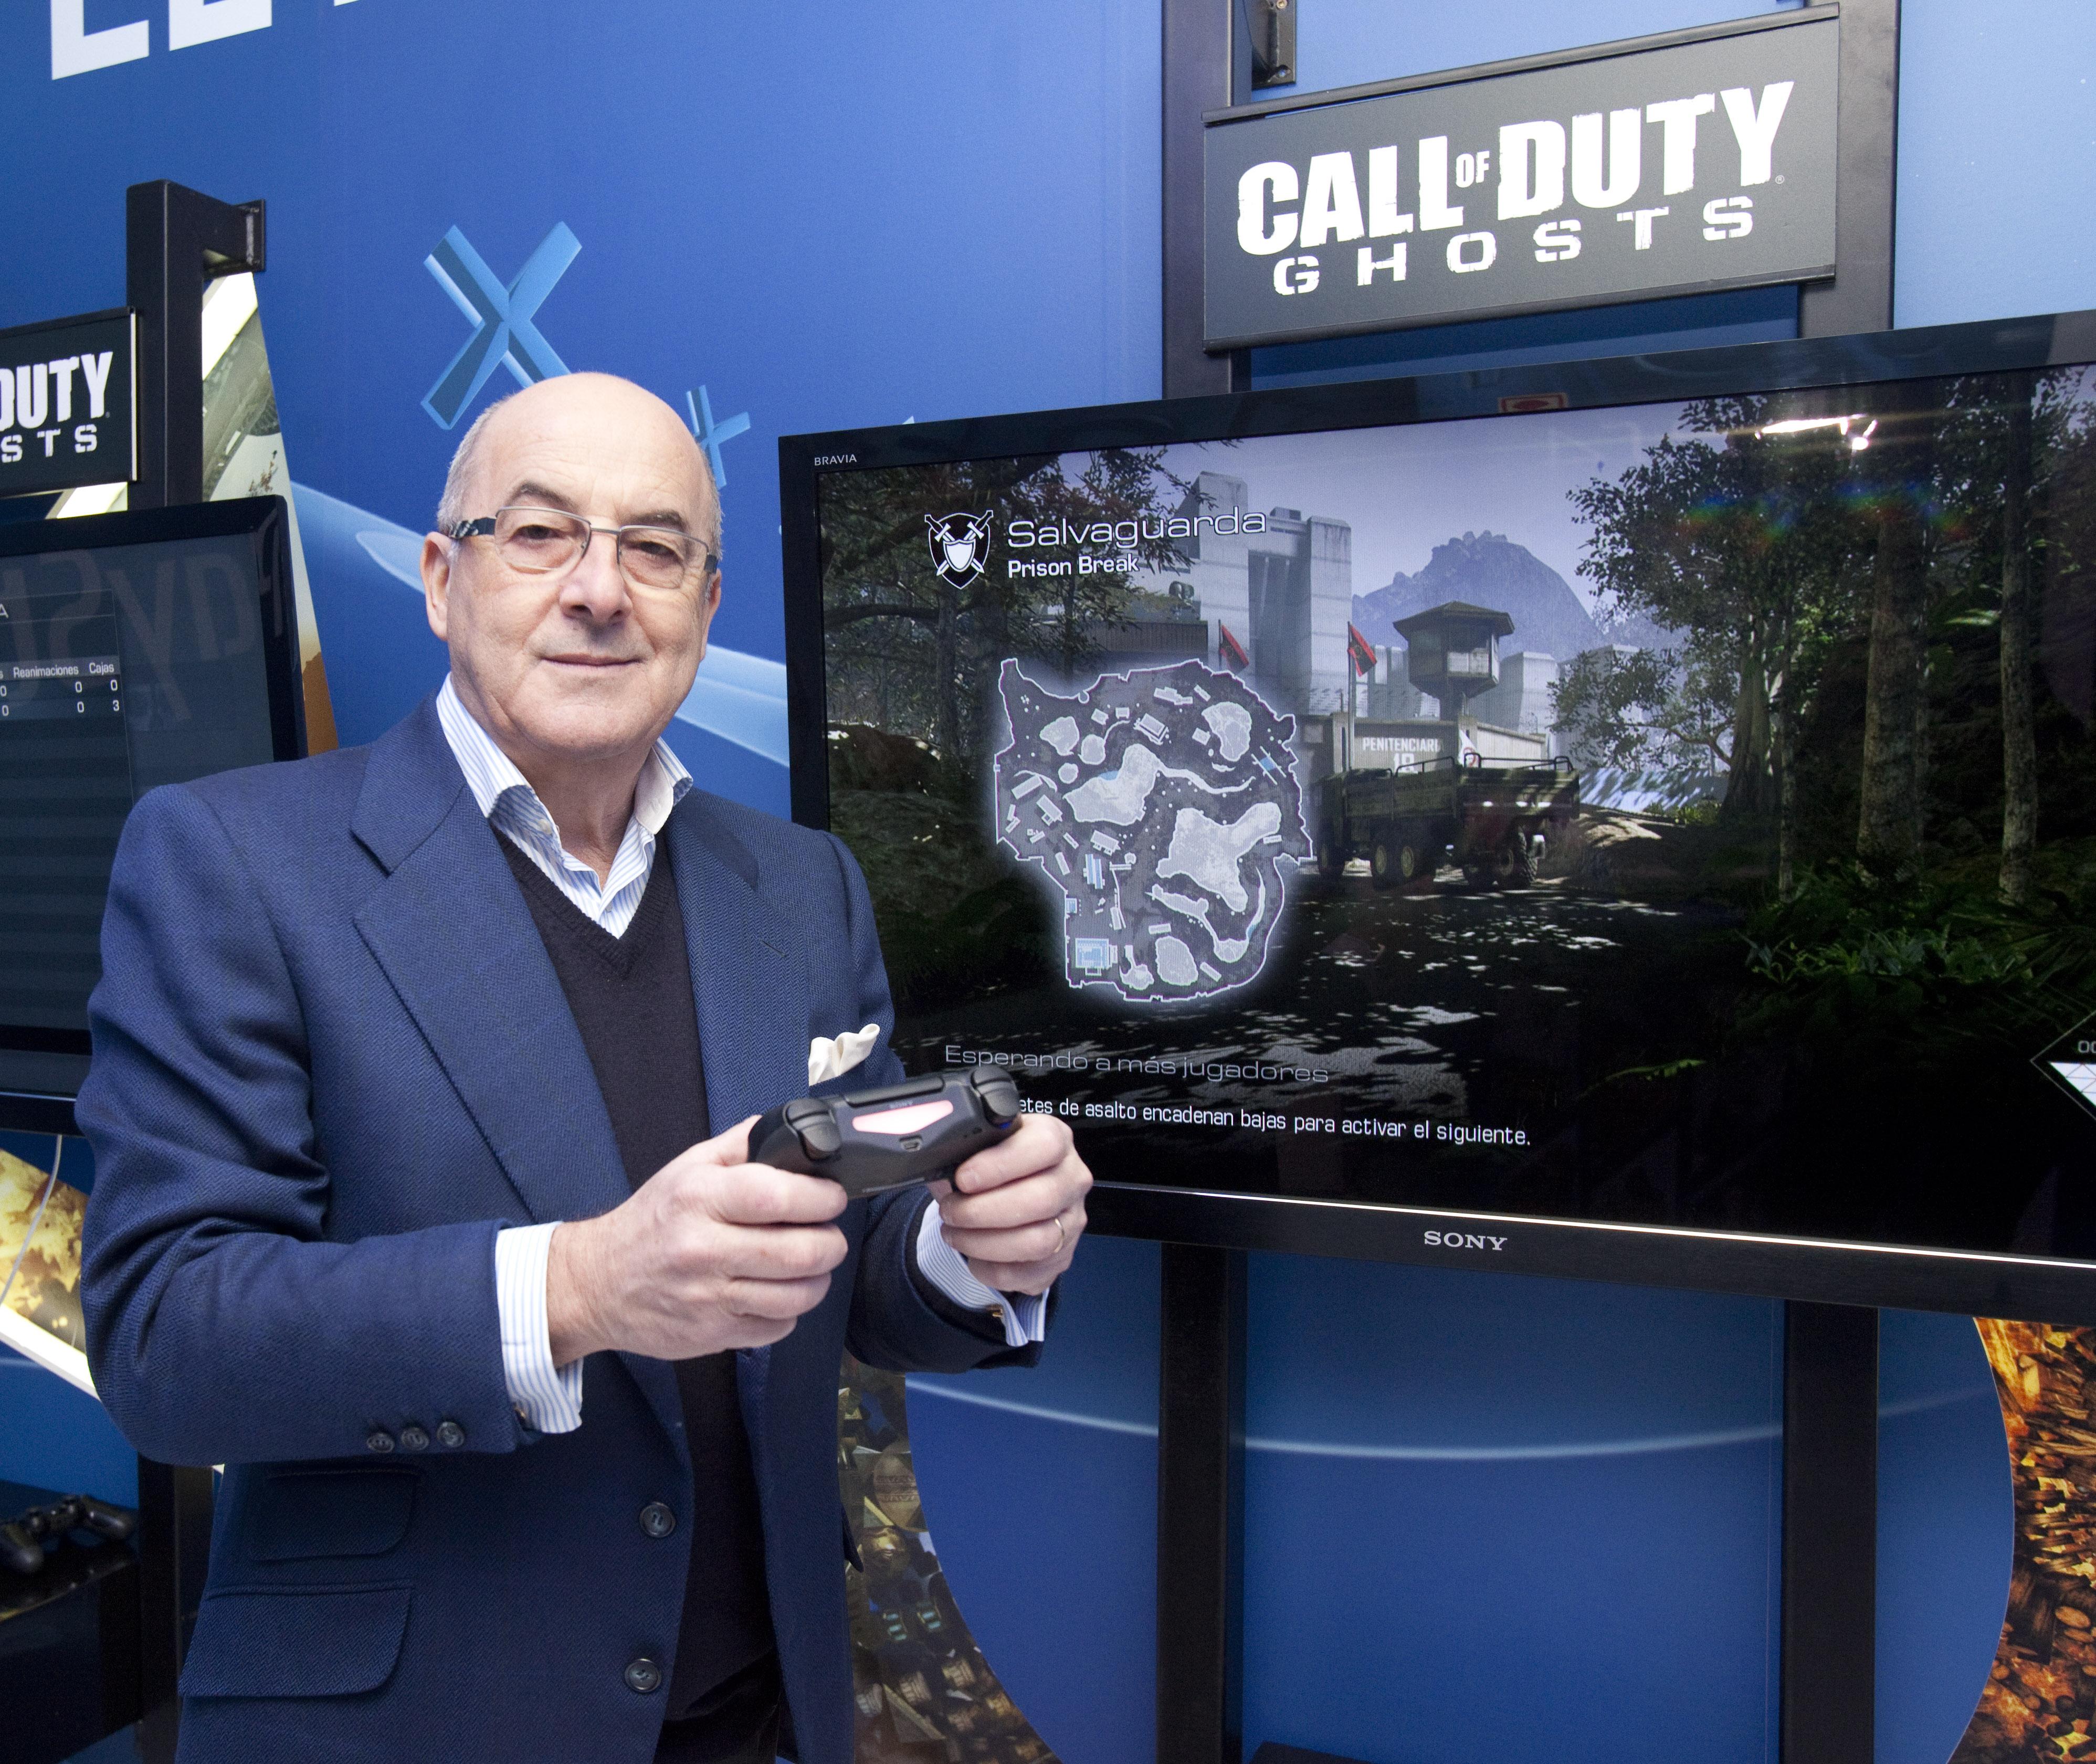 james armstrong, vicepresidente senior de sony computer entertainment para el sur de europa